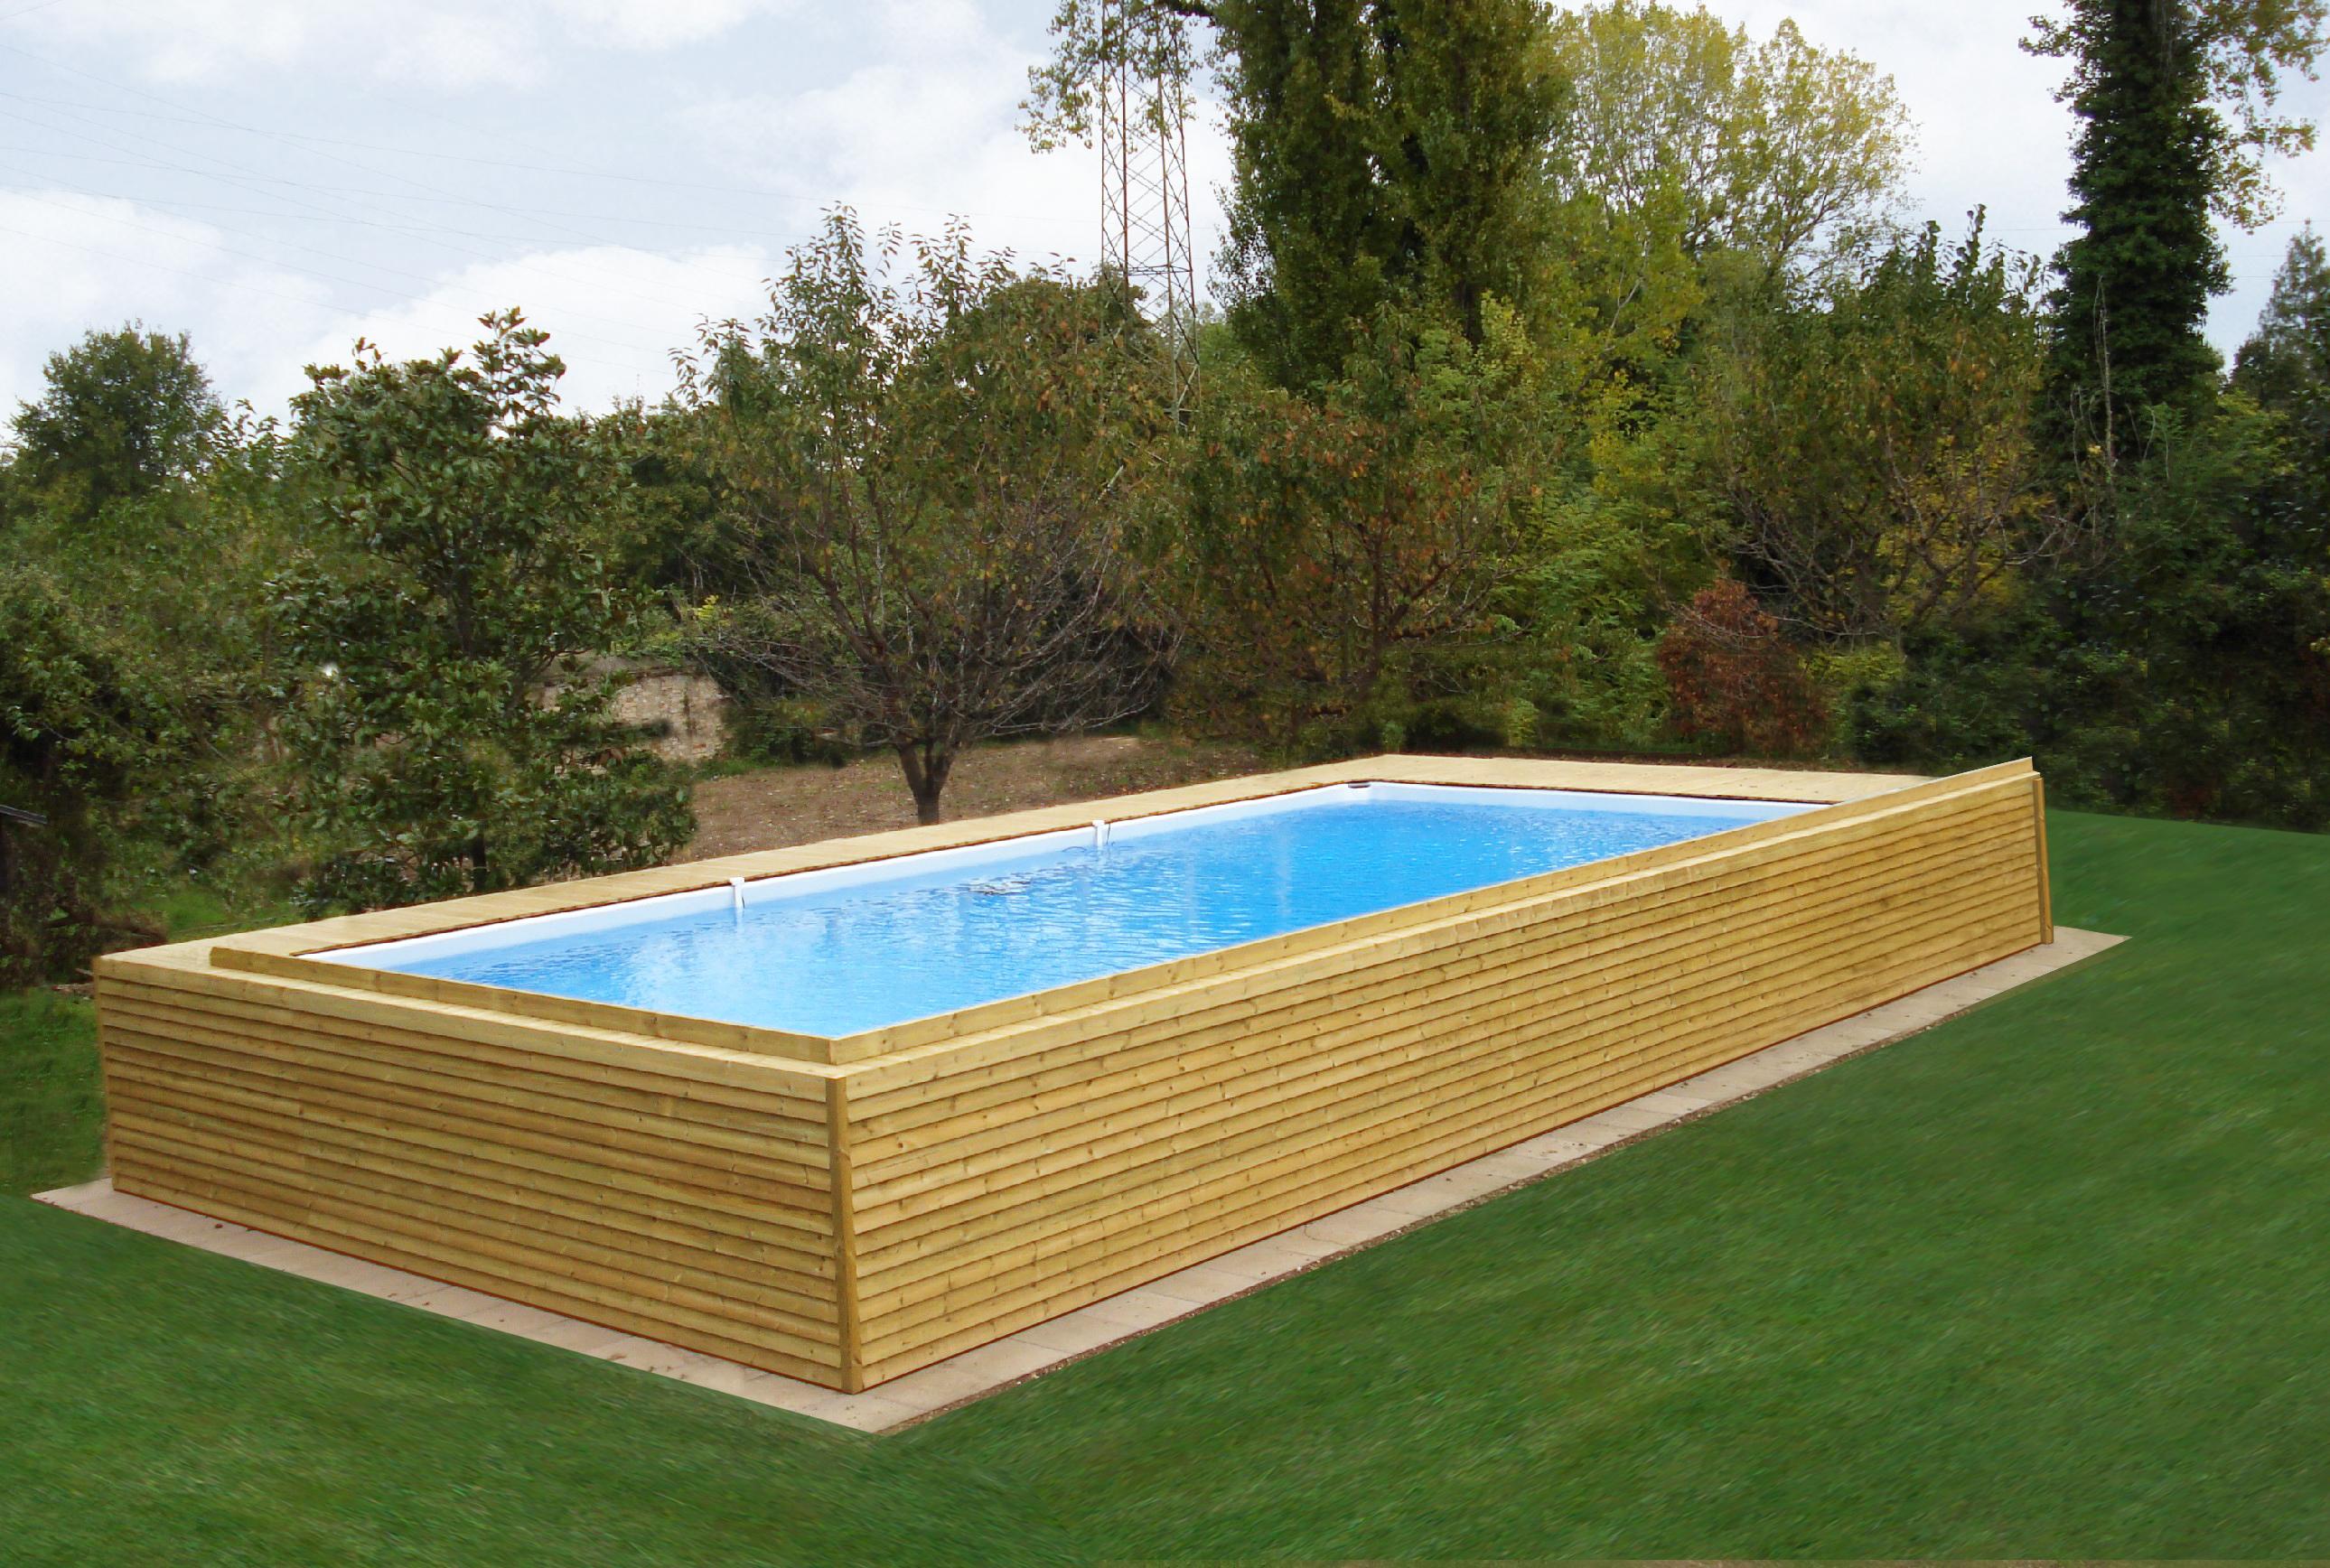 Piscina fuori terra con rivestimento in legno di abete prezzi for Piscina fuori terra 4x8 prezzo